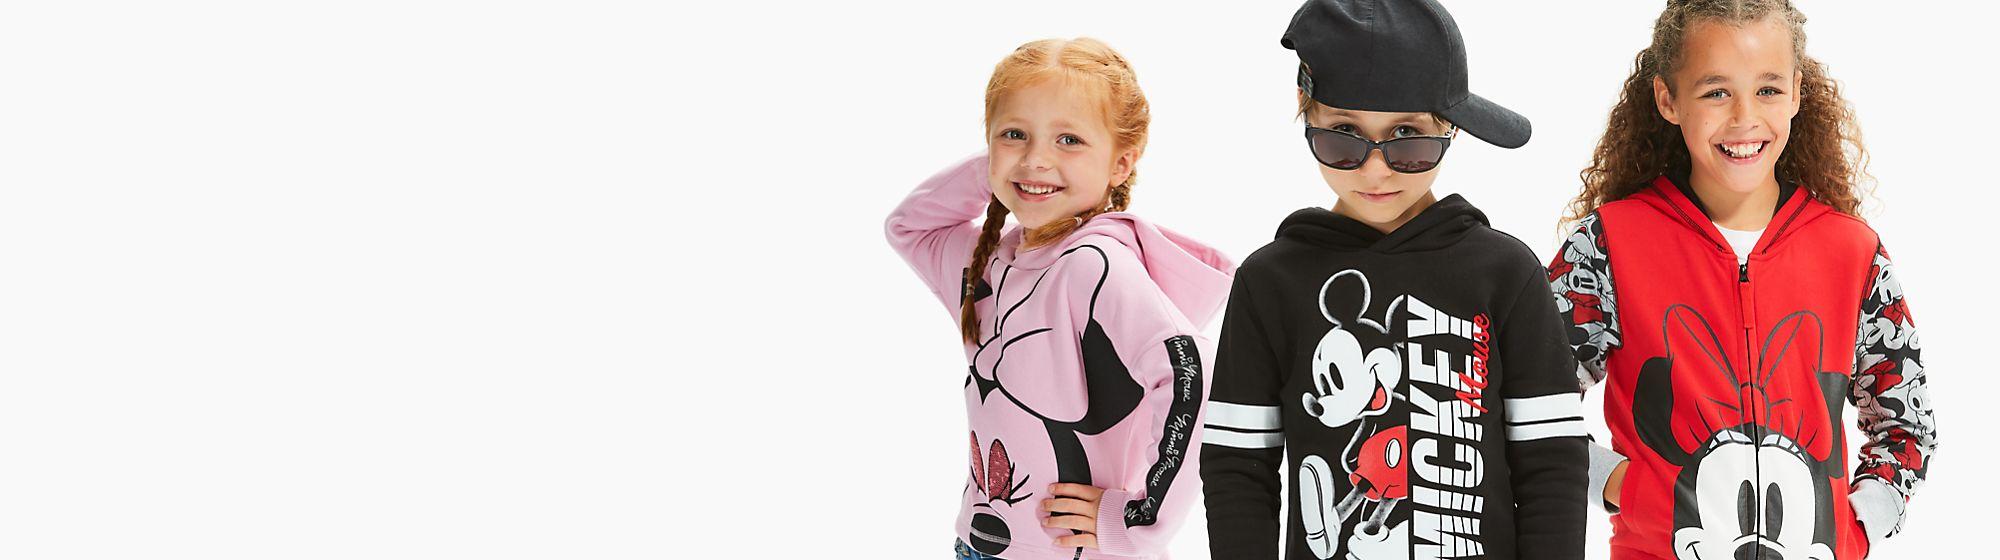 Ropa para niños Echa un vistazo a nuestra gama de ropa para niños de Disney, Star Wars y Marvel. Encuentra camisetas, chaquetas y mucho más. DESCUBRIR MÁS